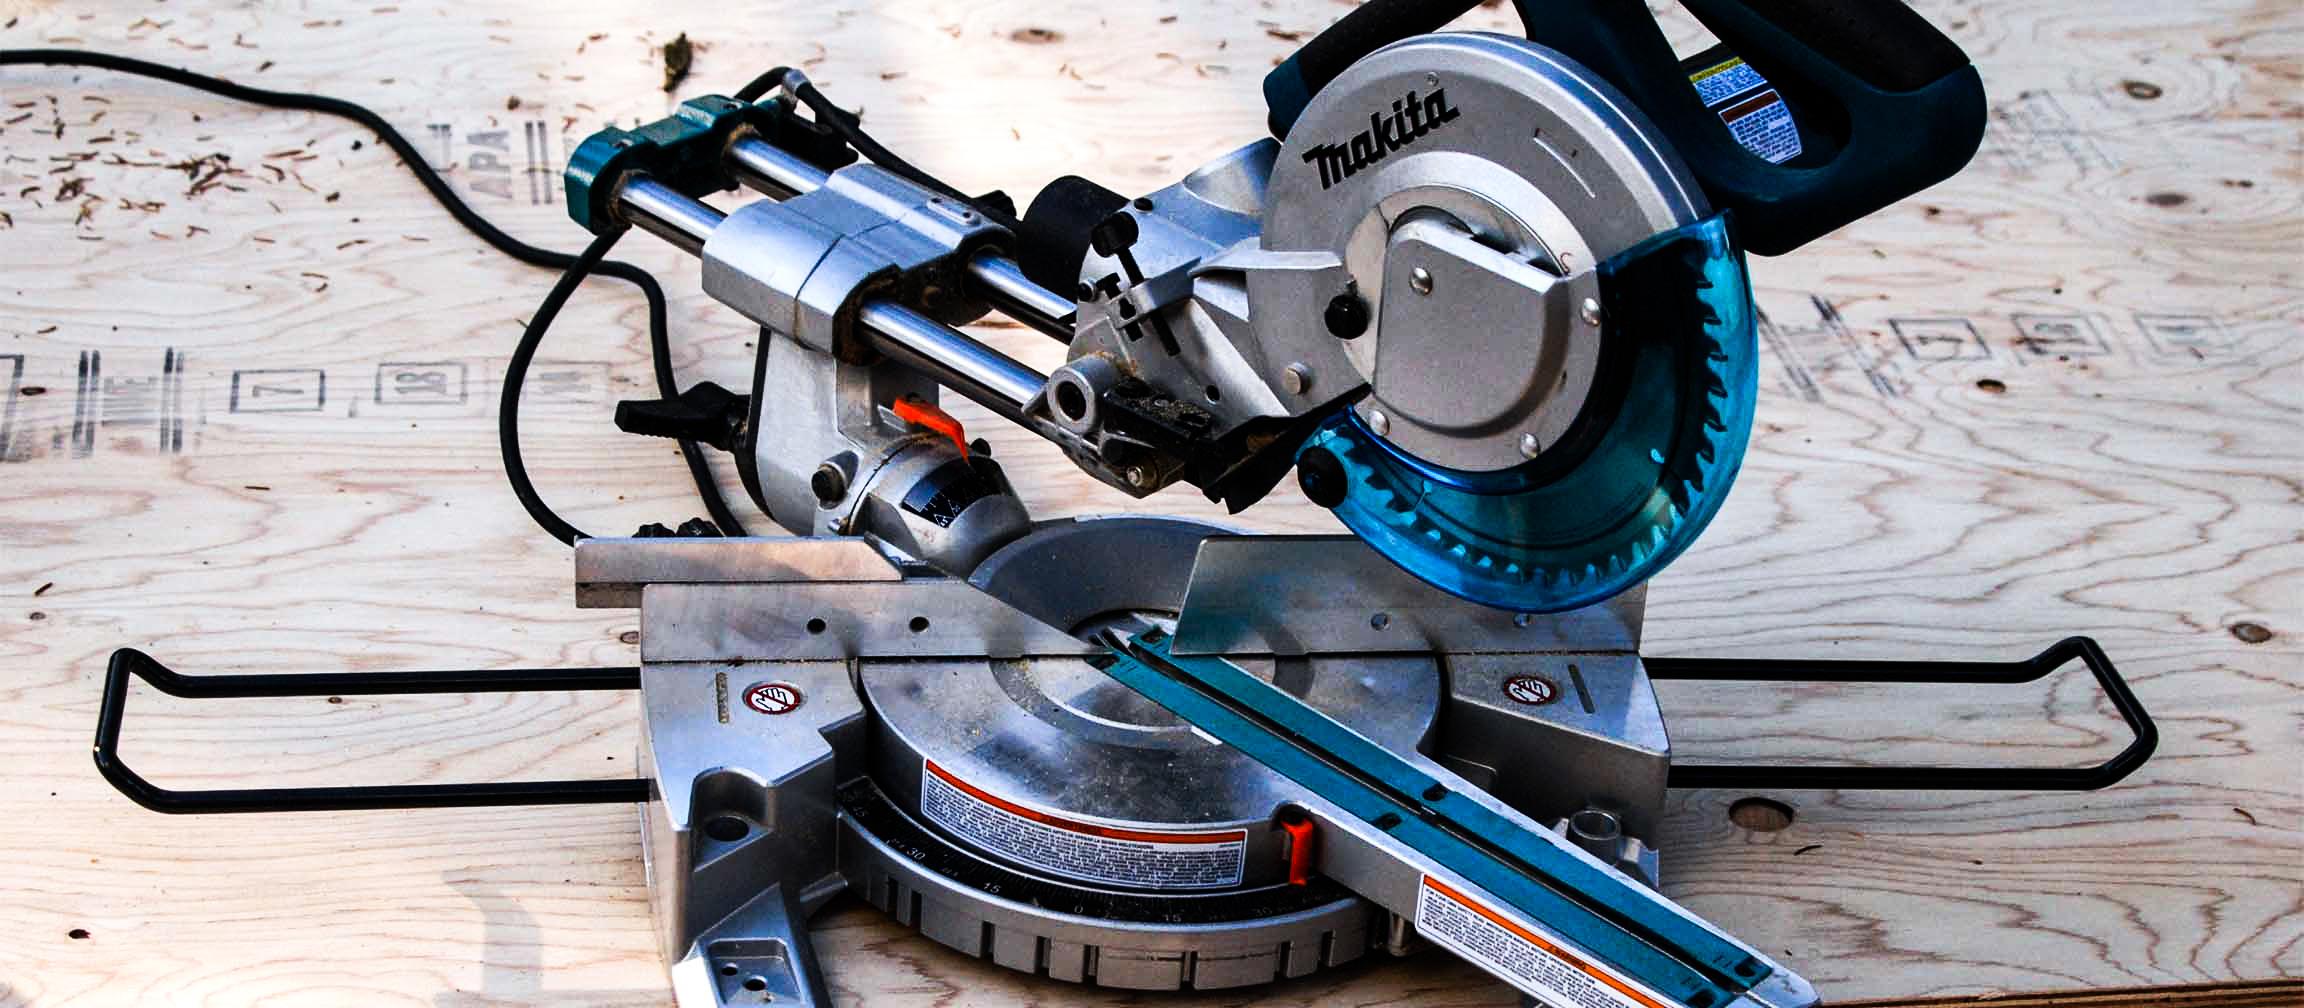 DIY Power  Tools - Makita Mitre Saw